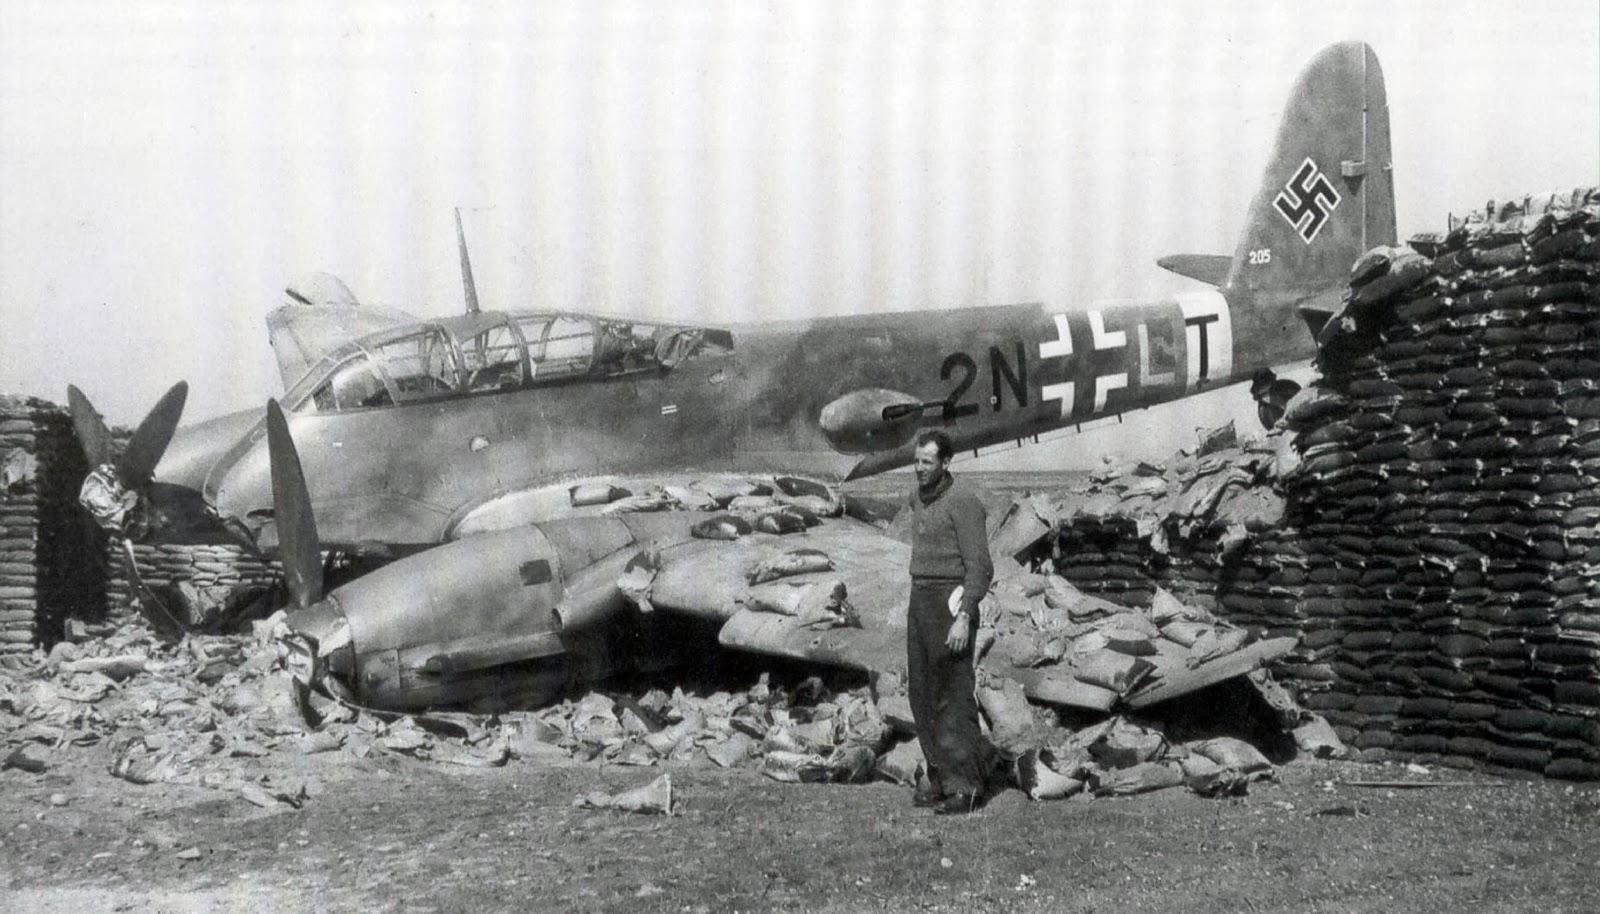 12 messerschmitt me 210 crash landed sandbox mediterrania luftwaffe plane aircraft 2.jpg